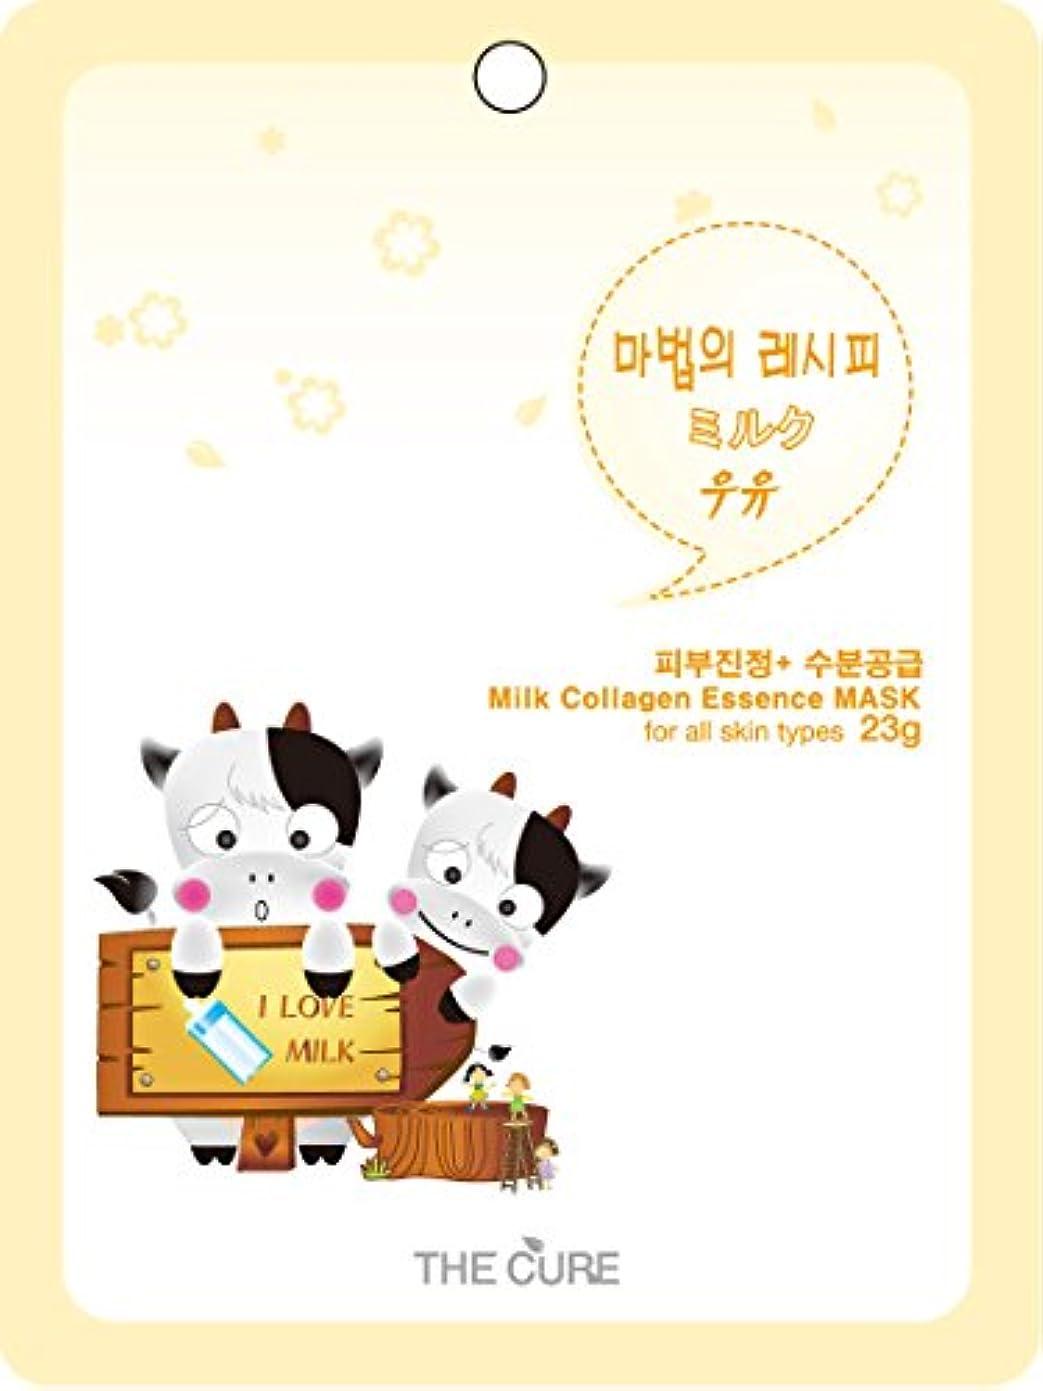 ミルク コラーゲン エッセンス マスク THE CURE シート パック 100枚セット 韓国 コスメ 乾燥肌 オイリー肌 混合肌